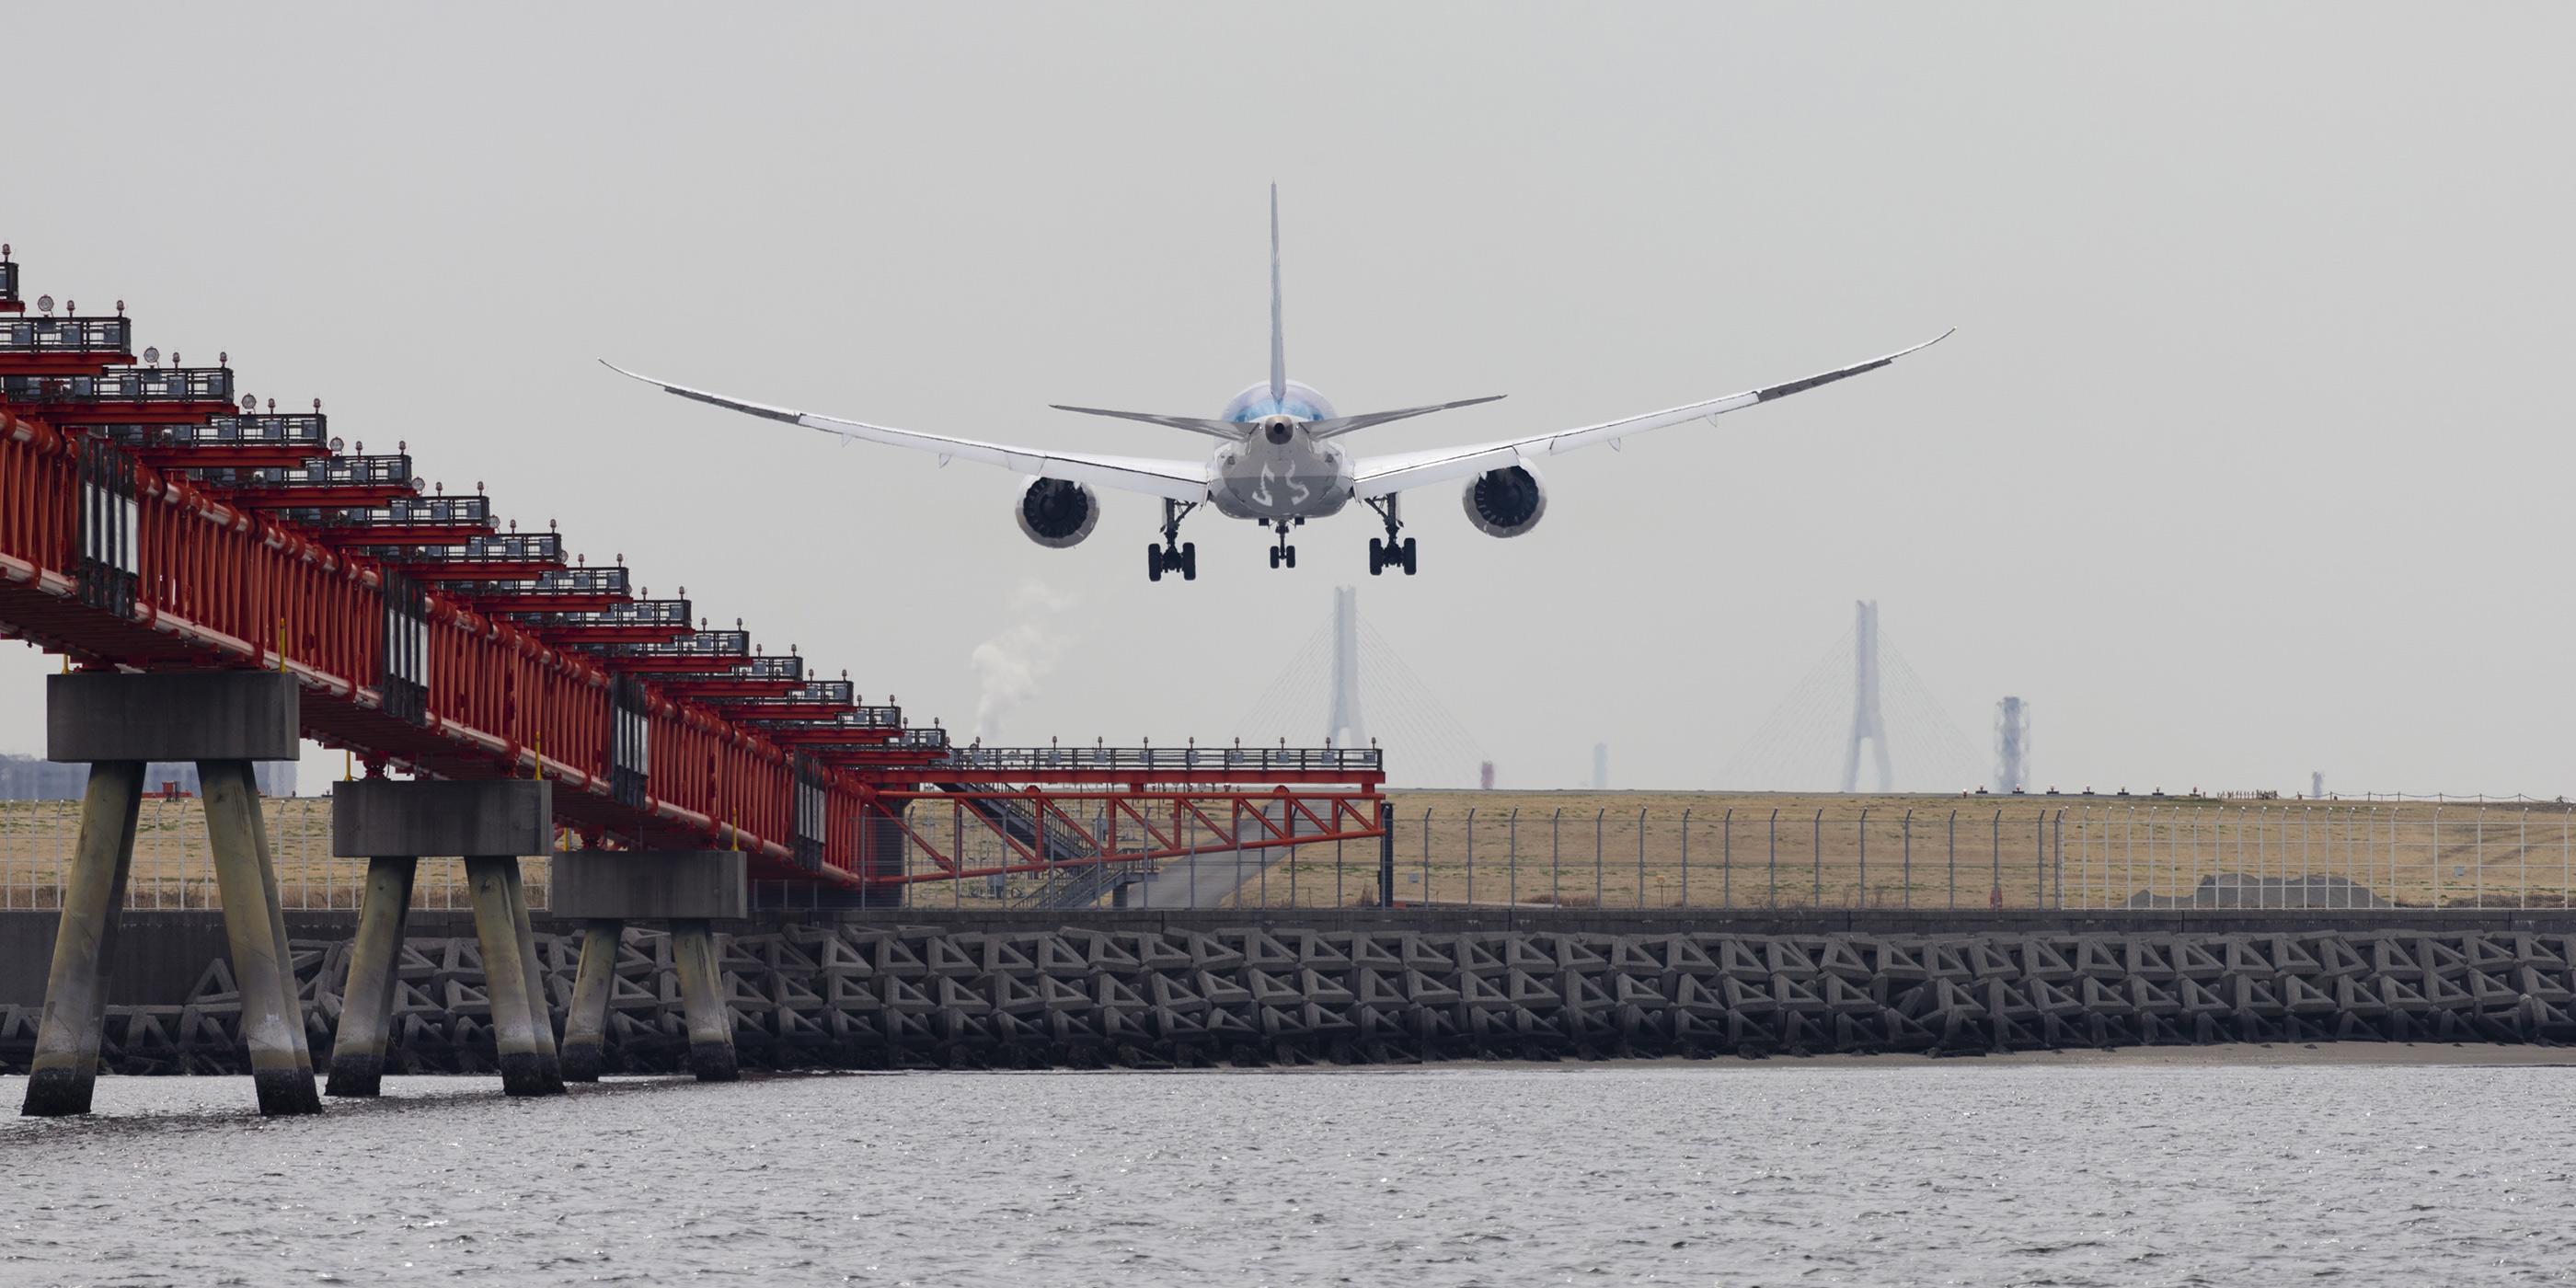 船から見た着陸態勢の飛行機